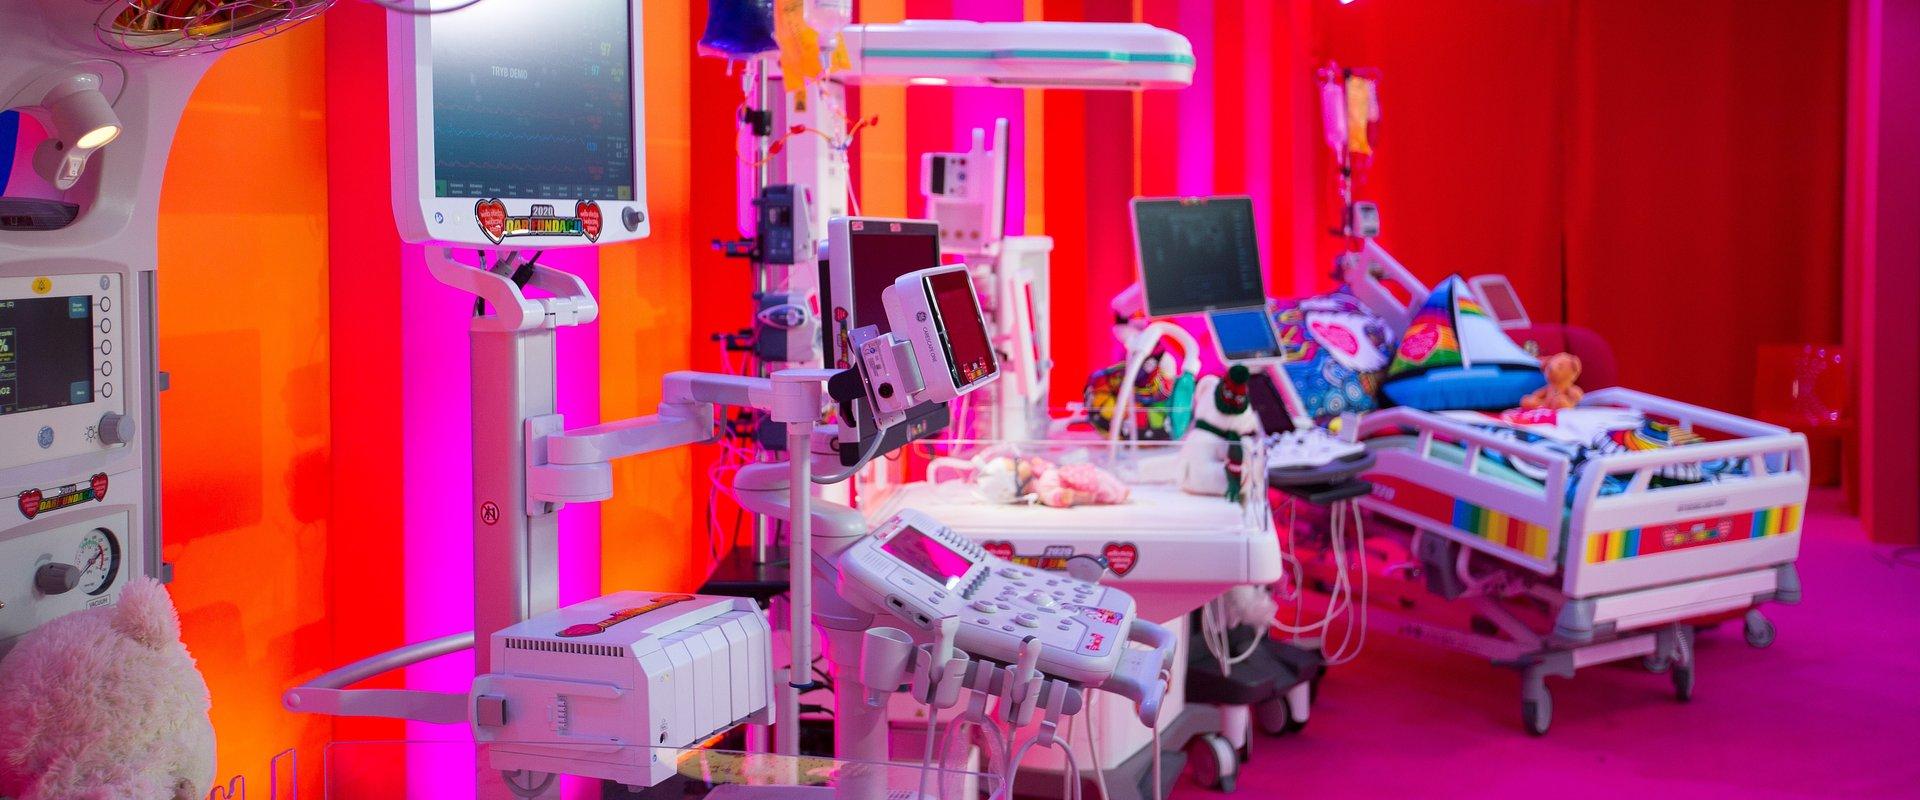 37 Ventilators for COVID-19 Patients